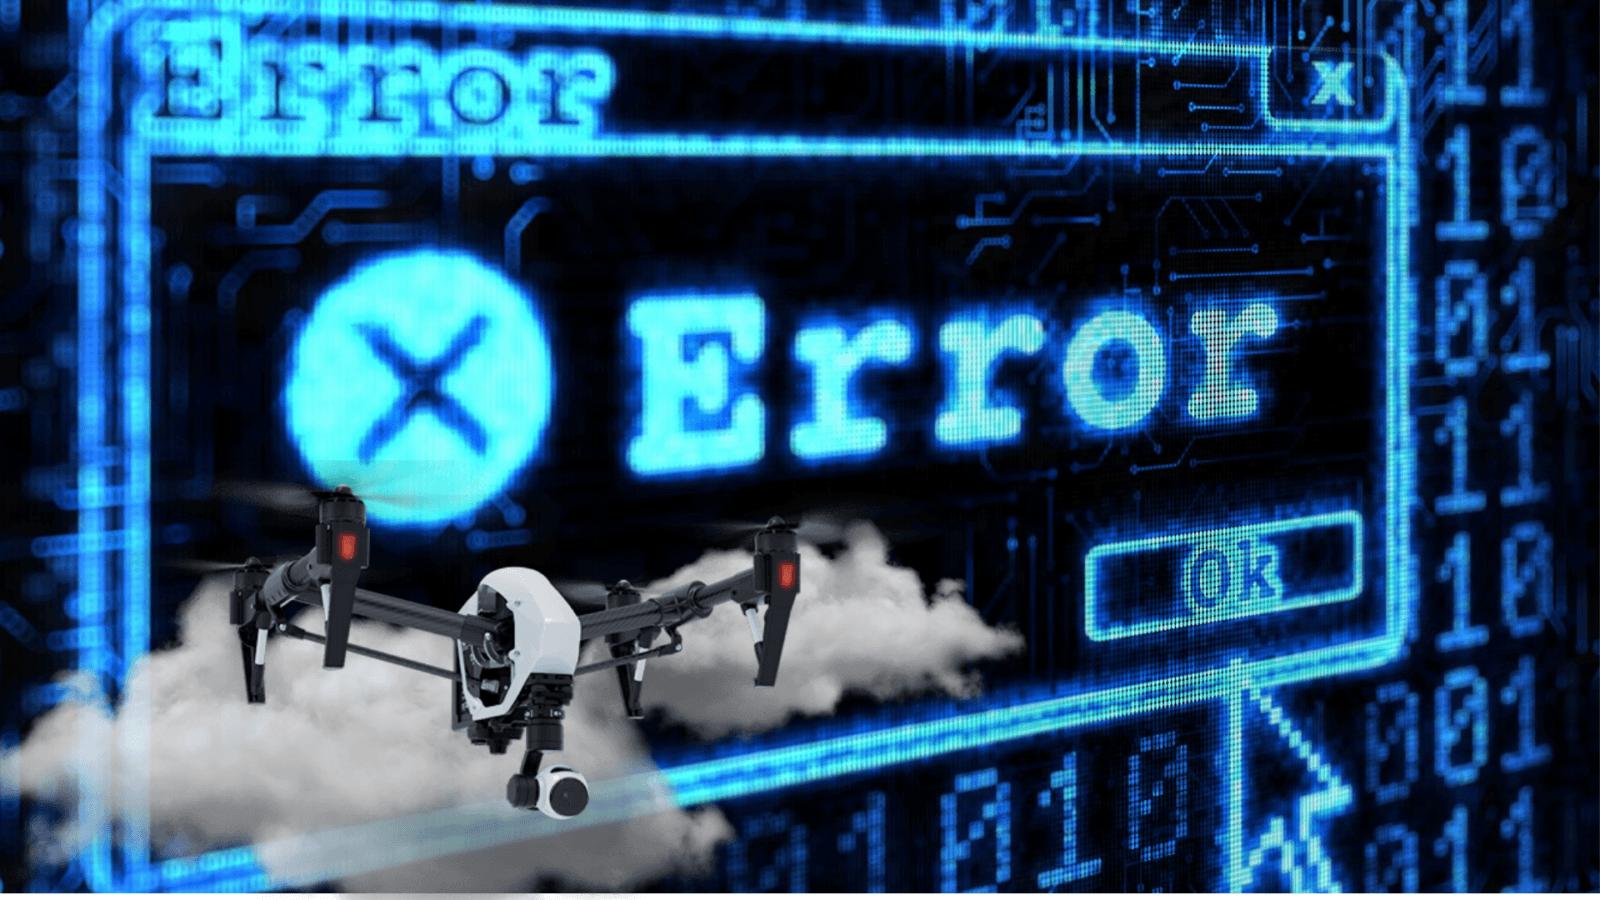 Падение сотен дронов на шоу в Китае